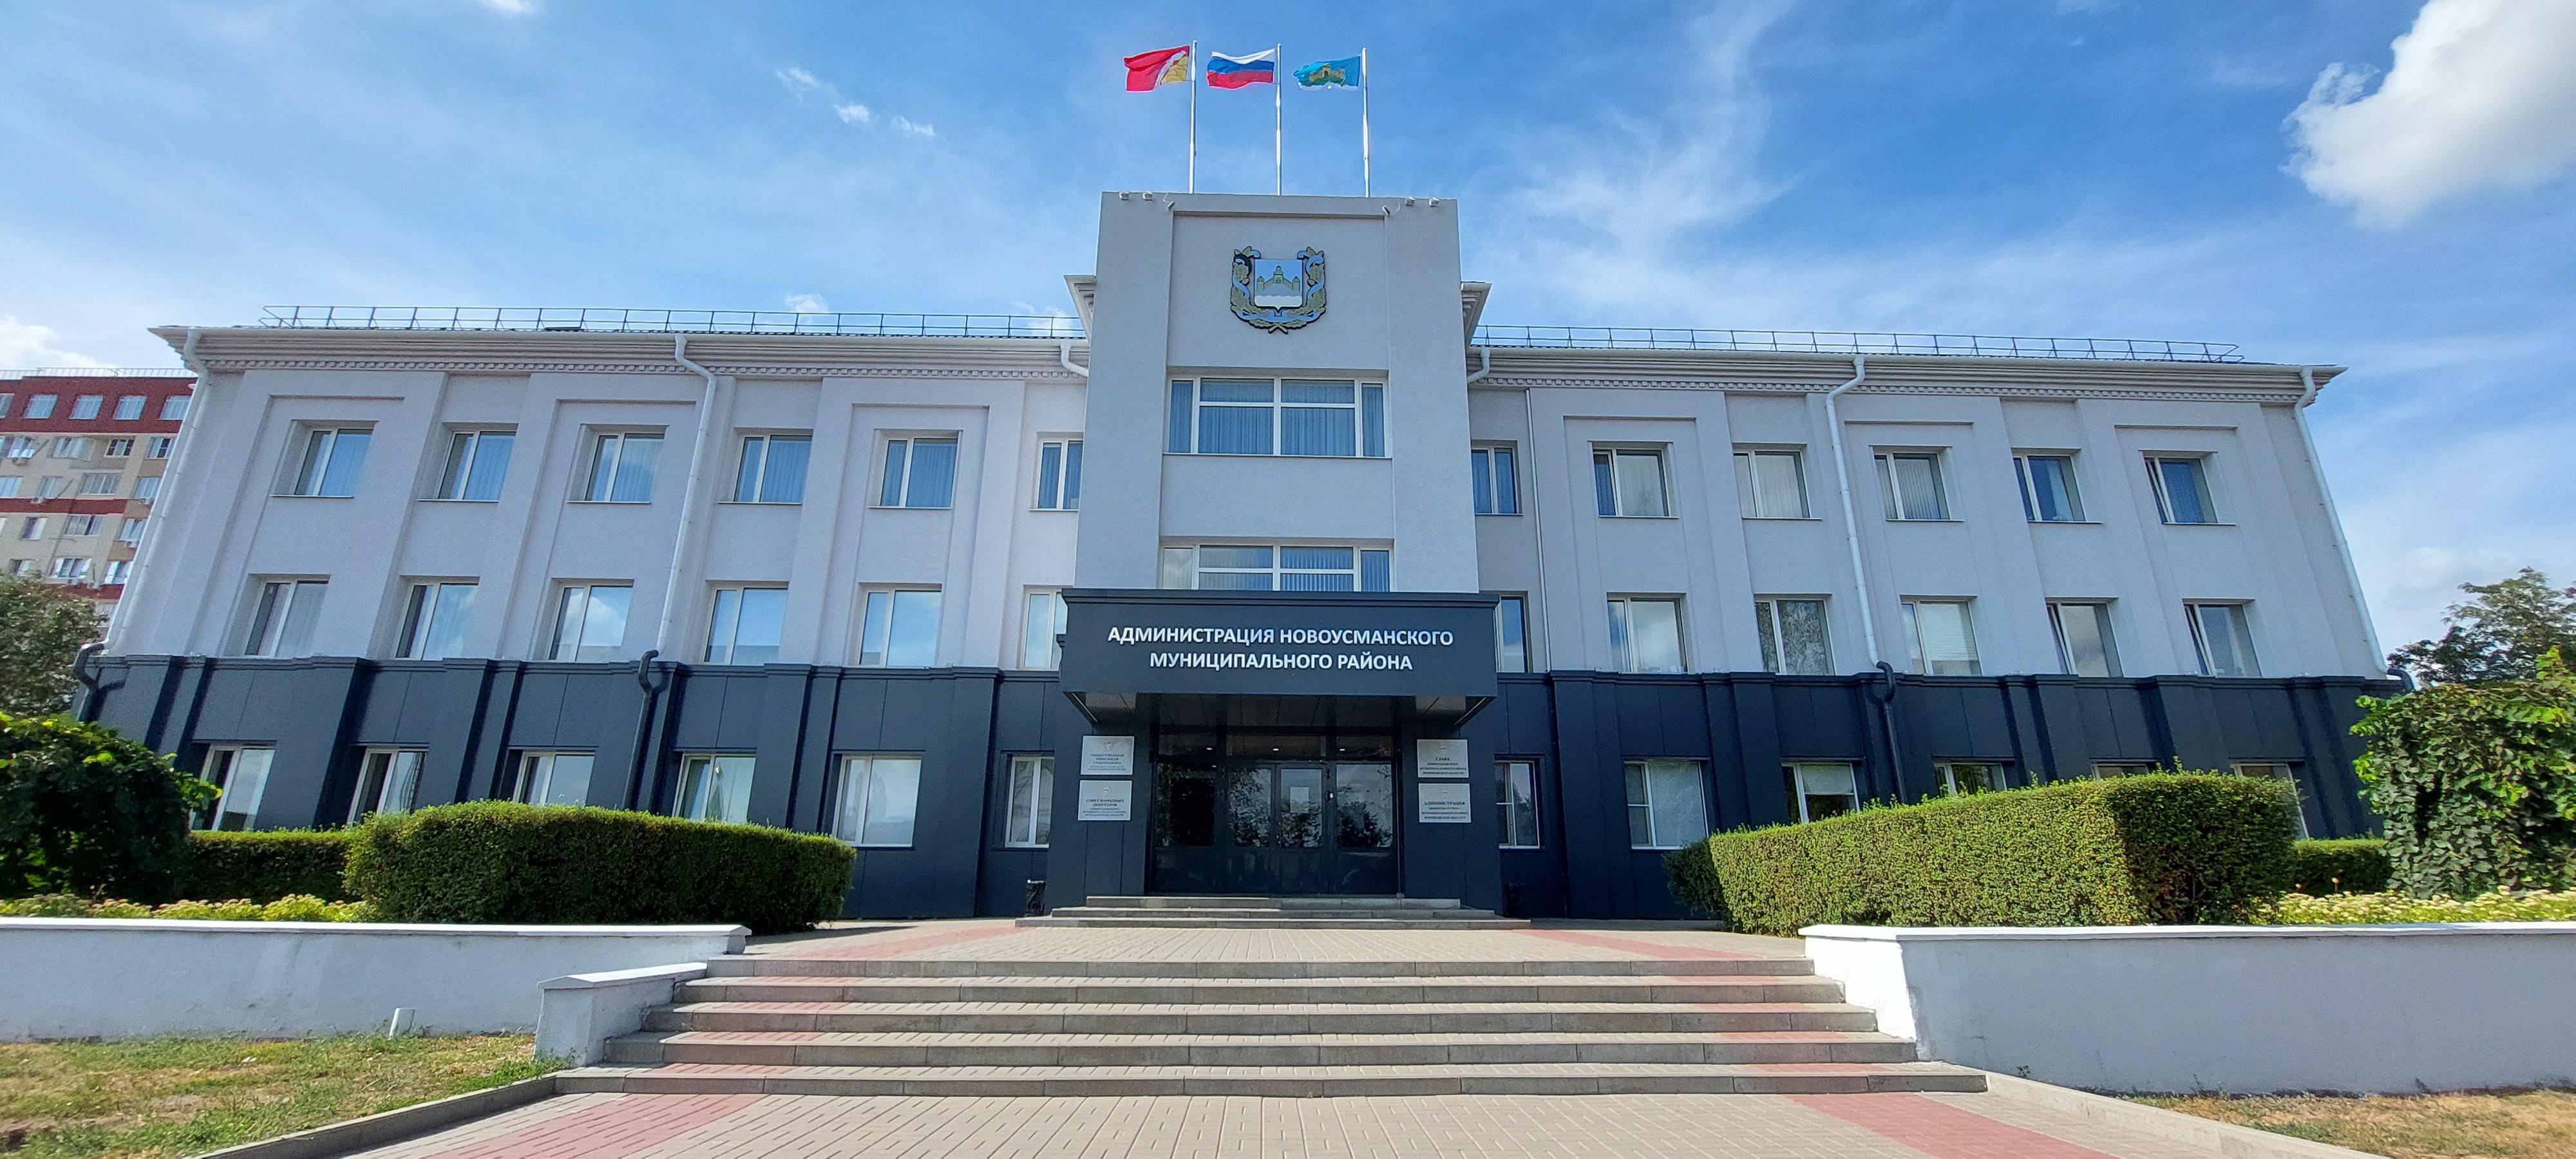 Монтаж вентилируемого фасада Администрации Новоусманского муниципального района Воронежской области.